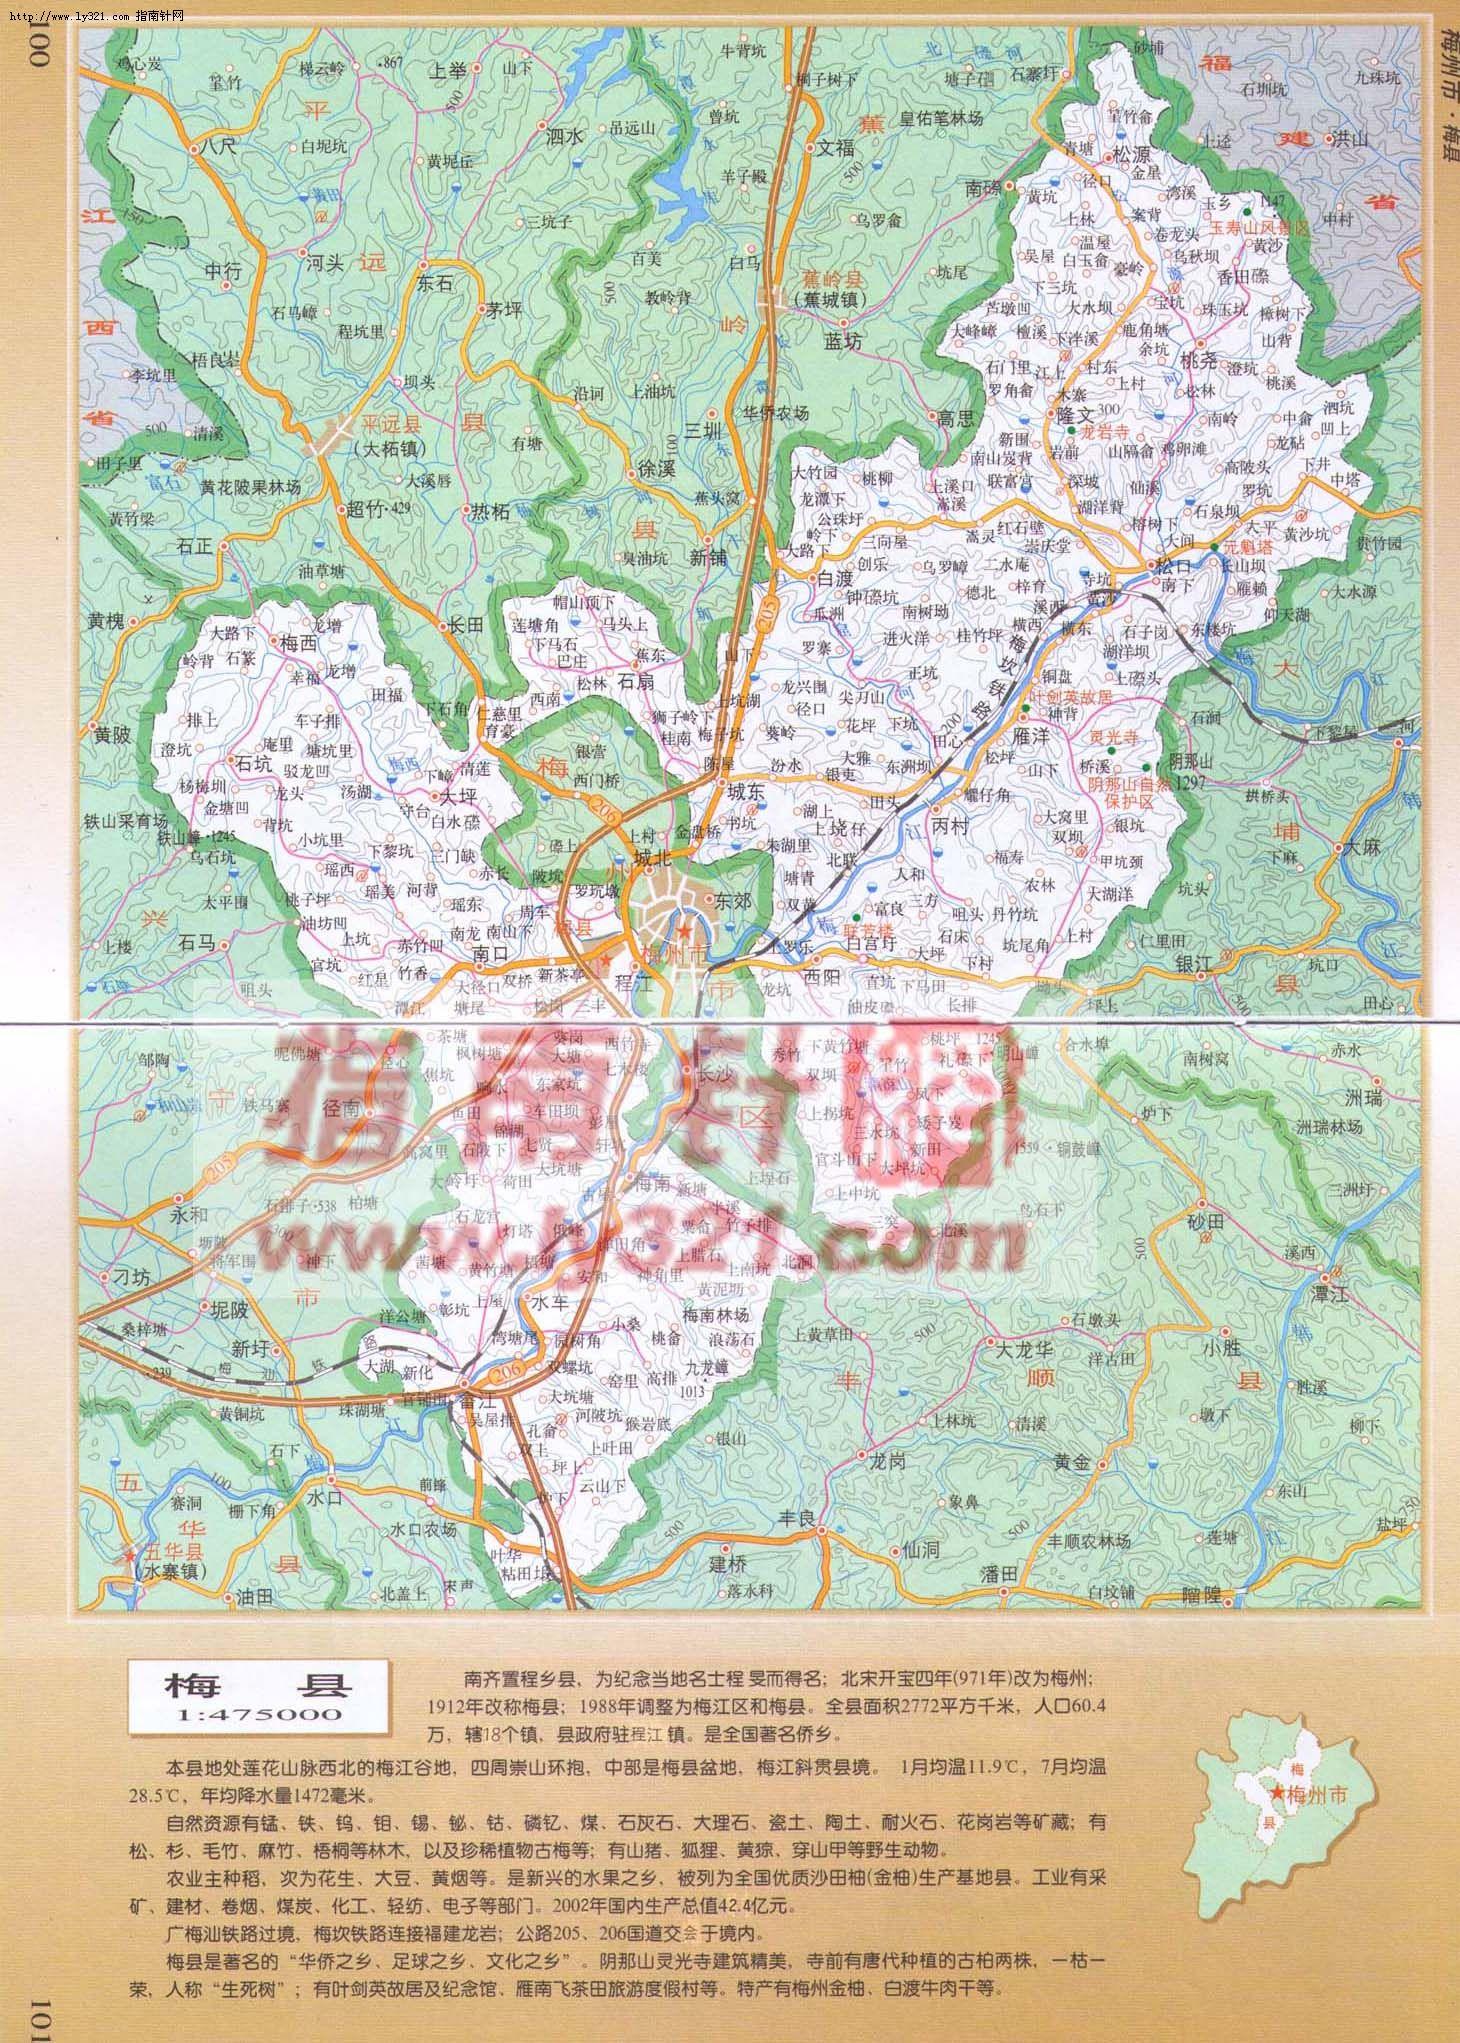 广东梅州名胜古迹图片 大图_广东省梅州市梅县地图 梅县旅游景点